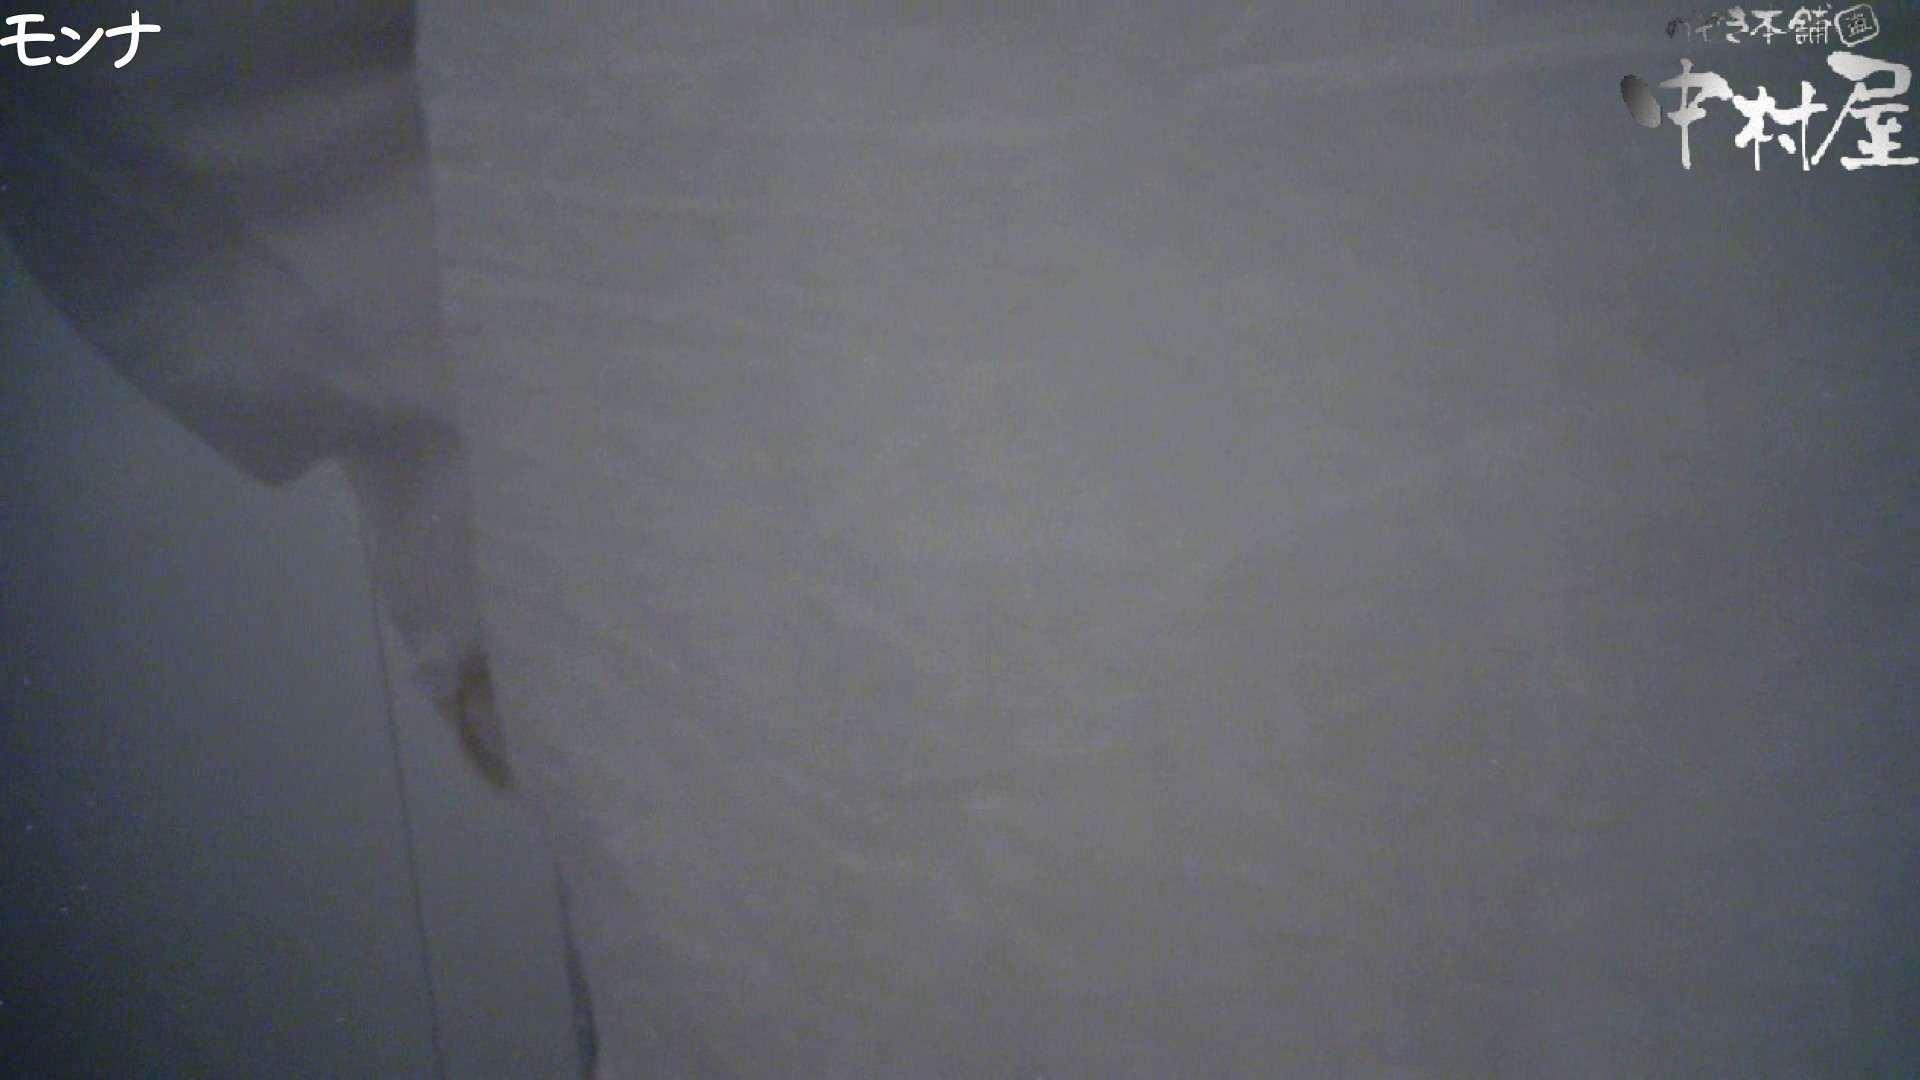 有名大学女性洗面所 vol.66 清楚系女子をがっつり!! 和式 女性器鑑賞 113pic 101